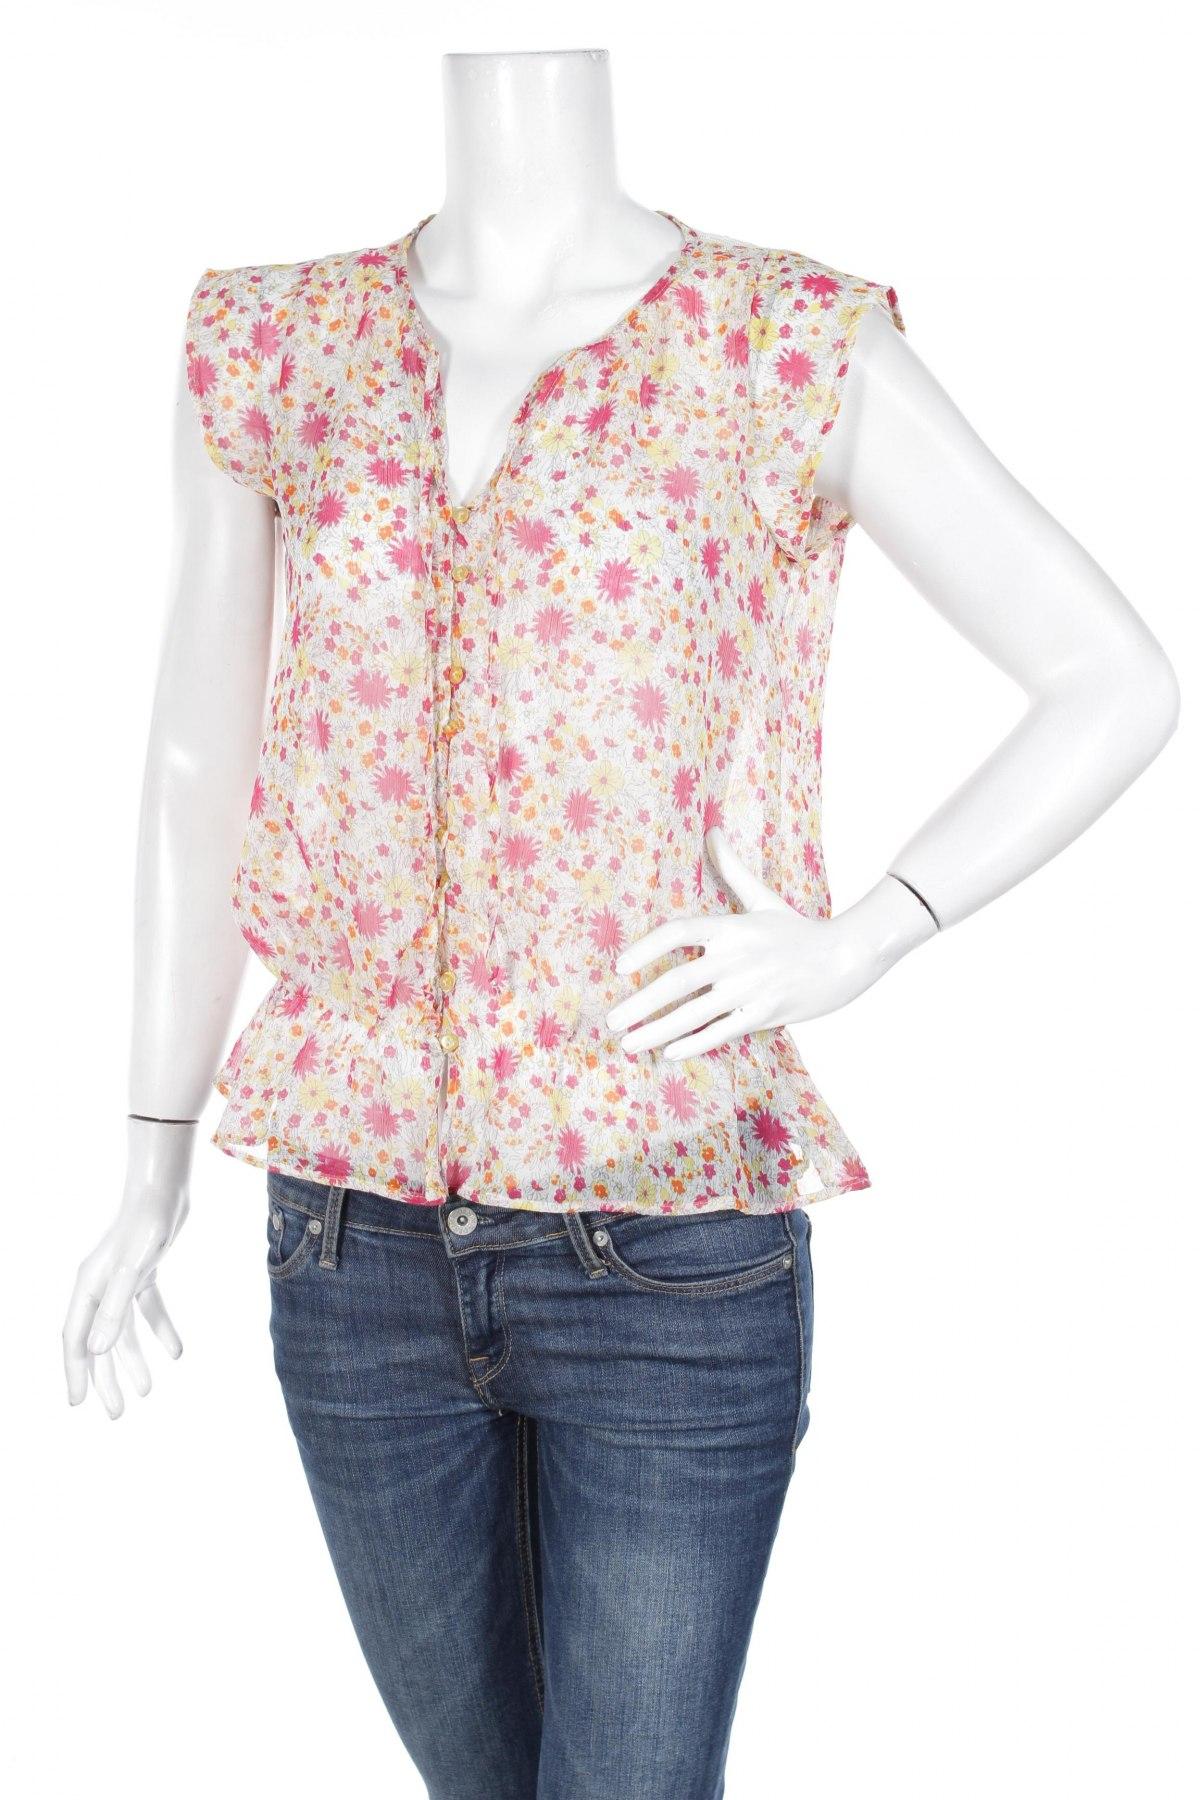 Γυναικείο πουκάμισο Zara Trafaluc, Μέγεθος M, Χρώμα Πολύχρωμο, 100% πολυεστέρας, Τιμή 14,85€